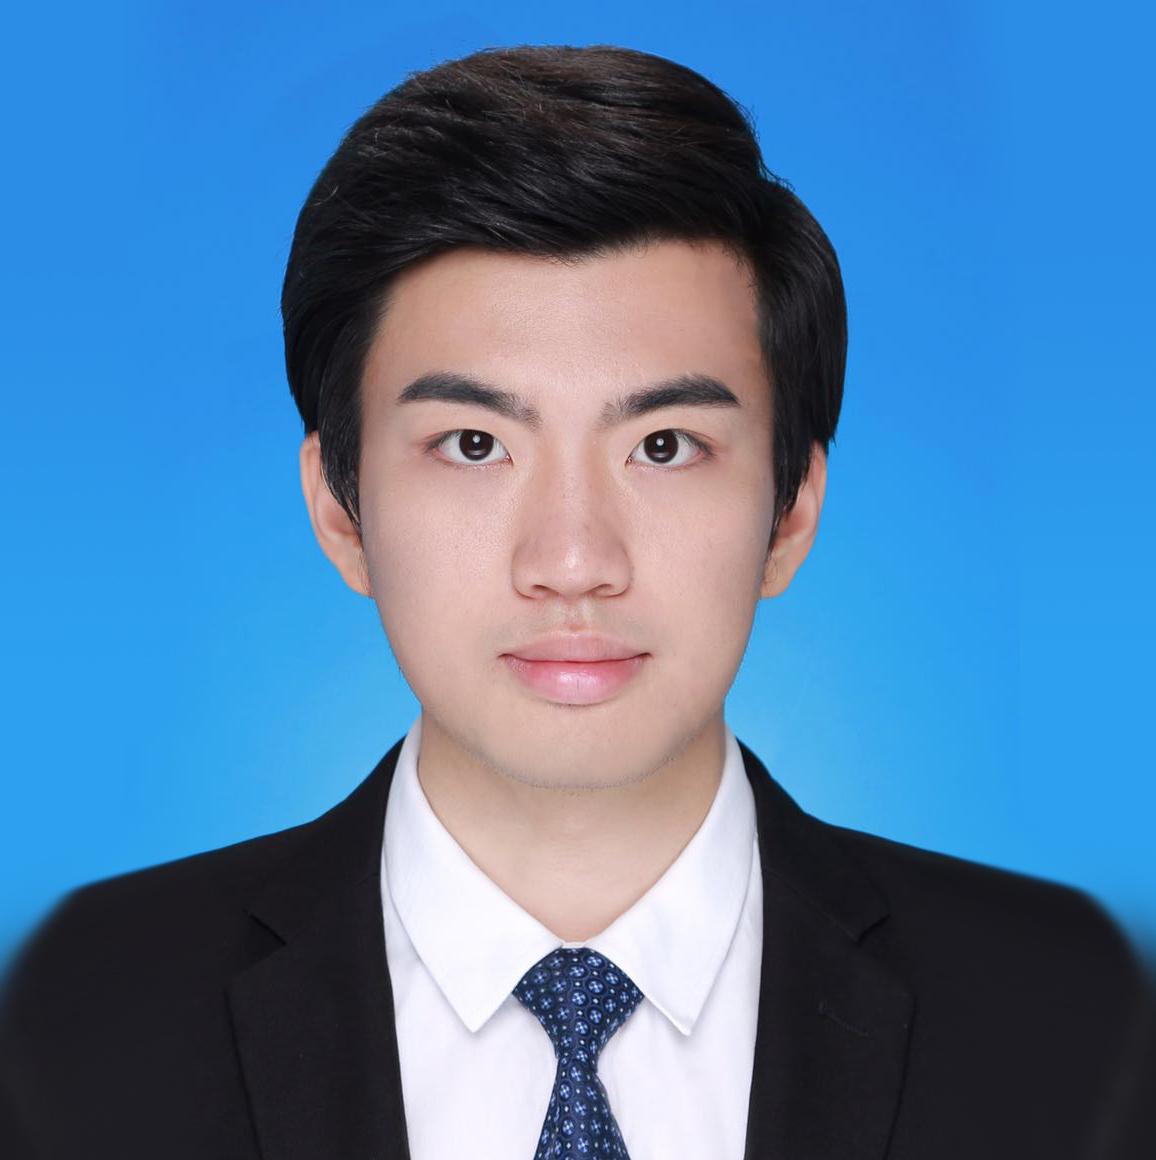 Guangchun Ruan